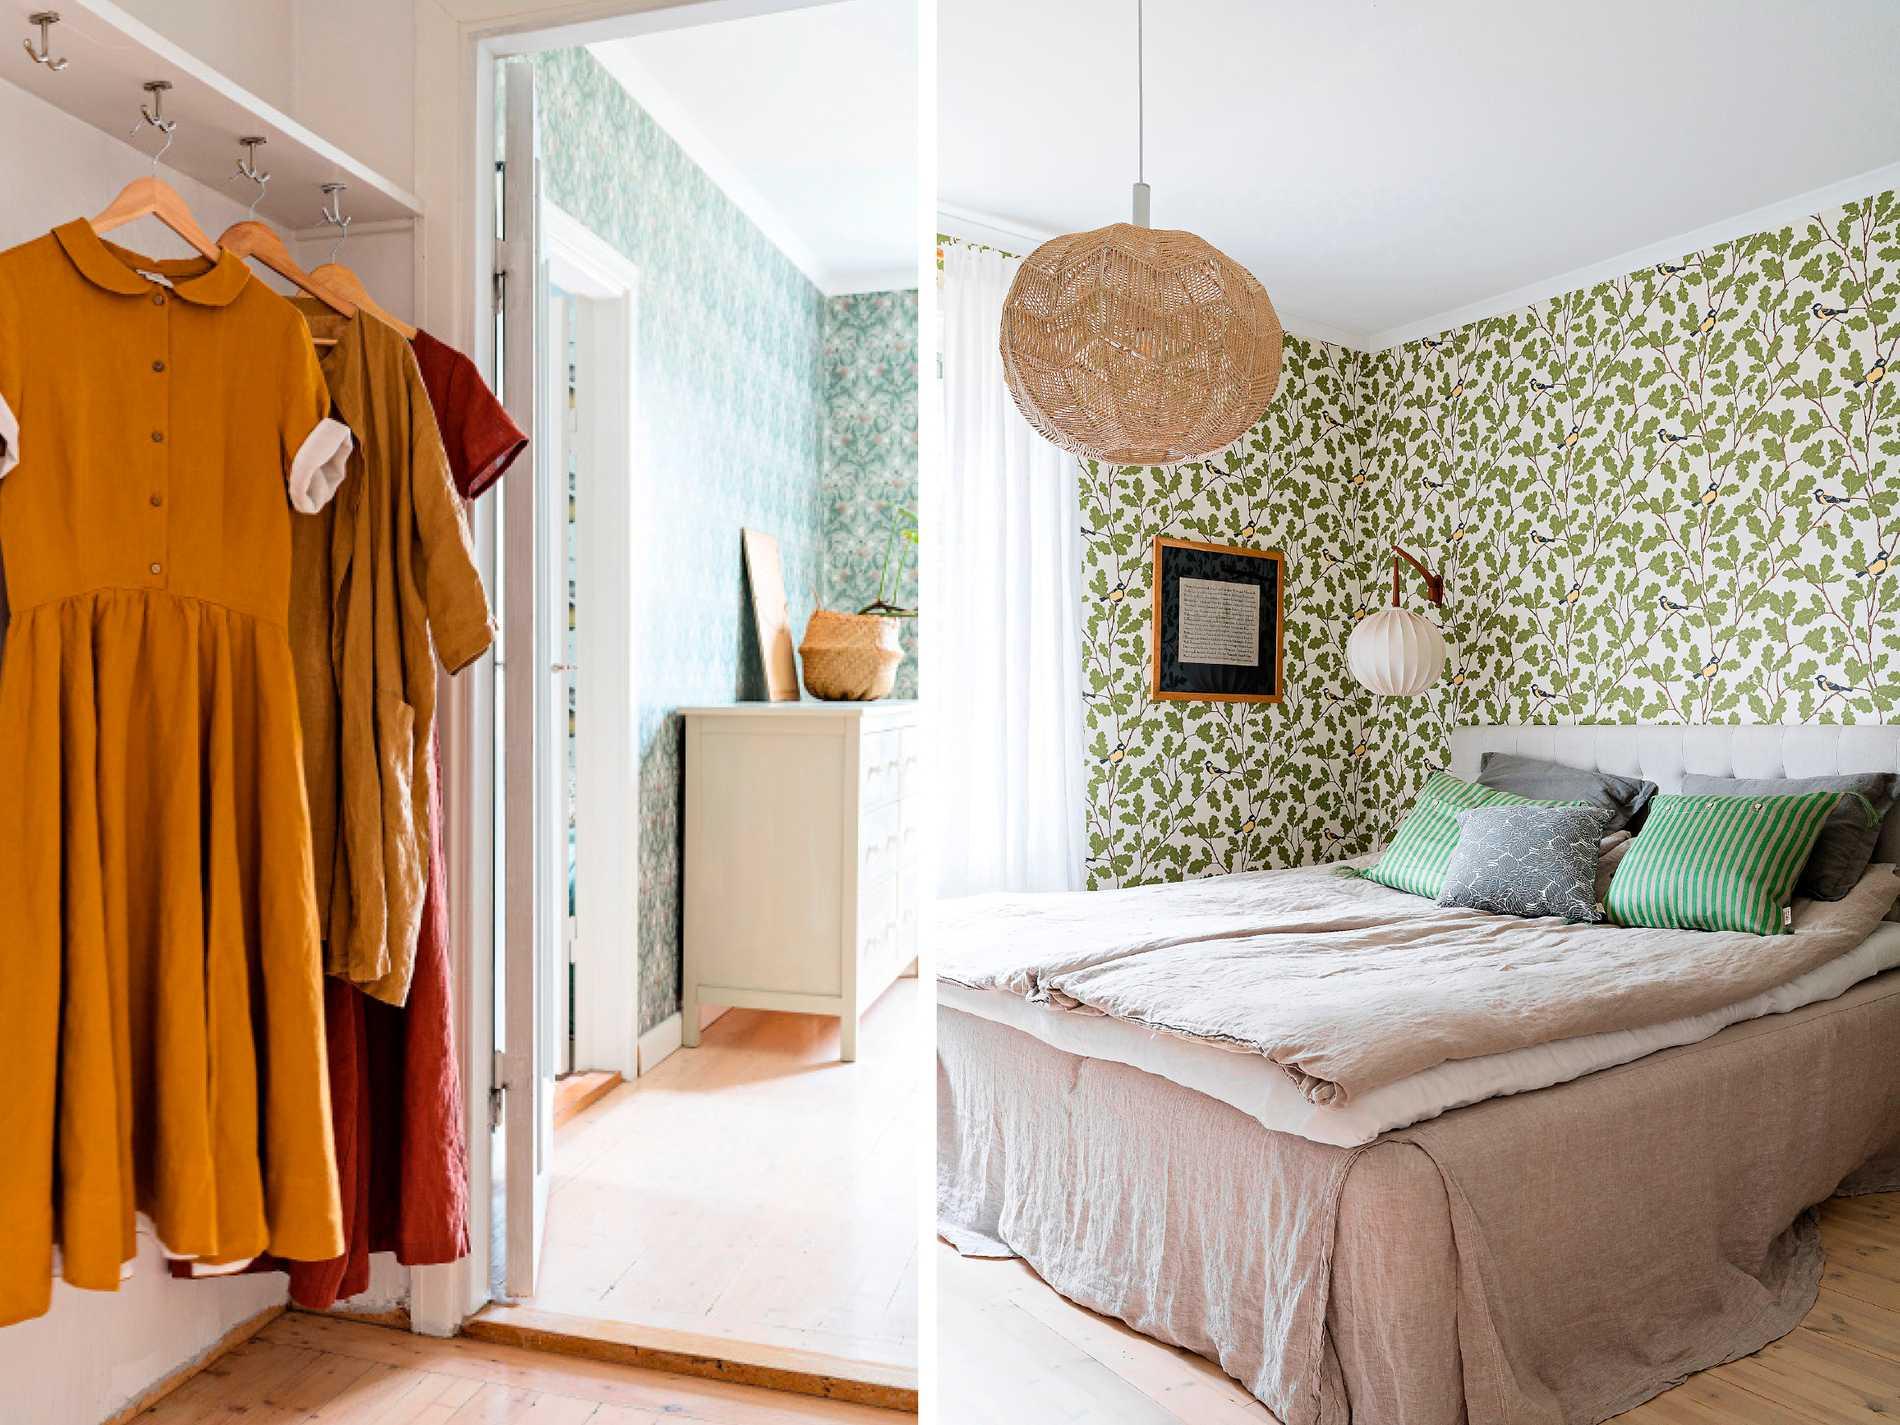 Gästrummets  mönstrade tapeter  är från Boråstapeter,  sängkläder från Lin living  och kuddar från Ellos.